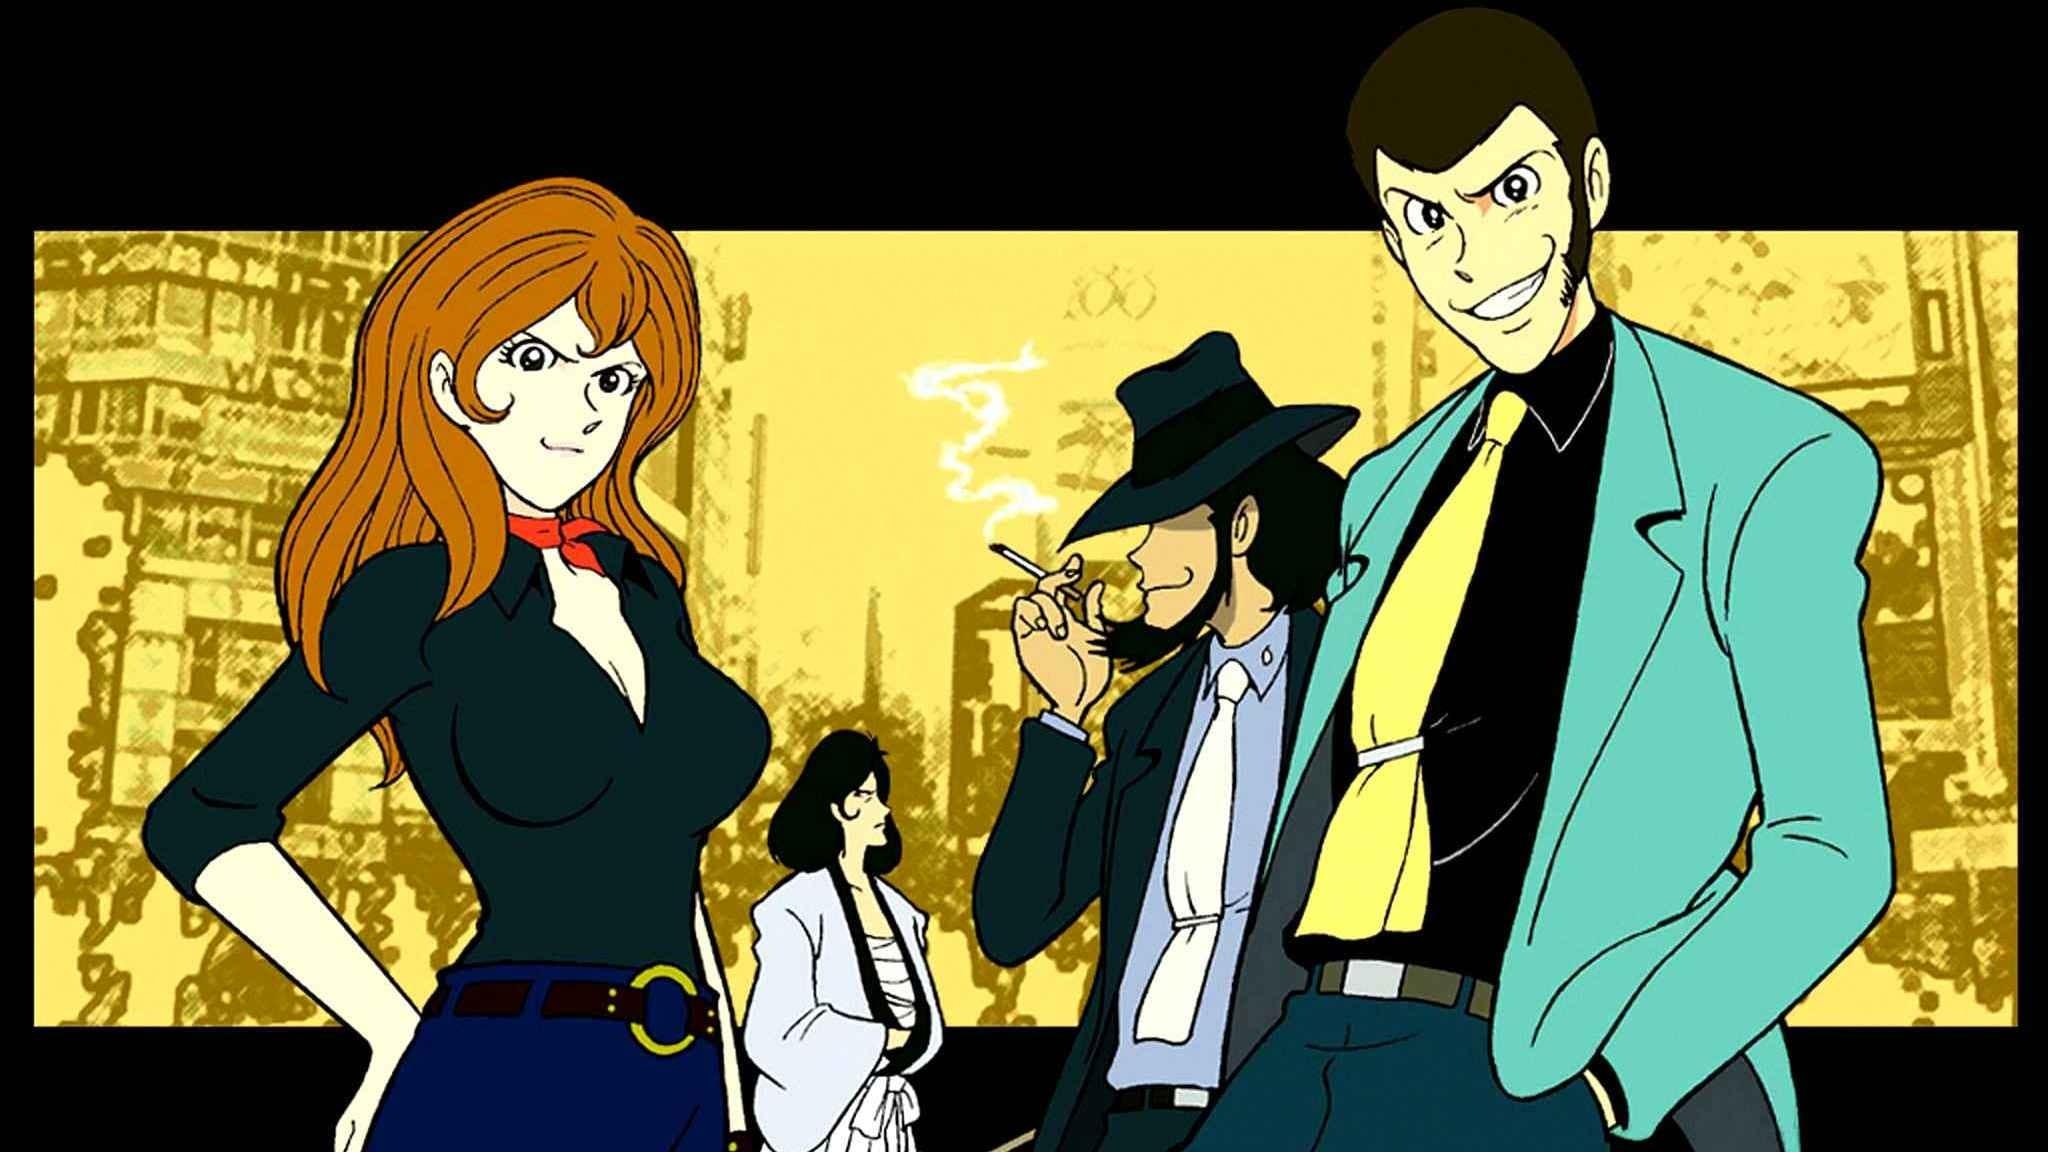 Lupin III: Cagliostro no Shiro